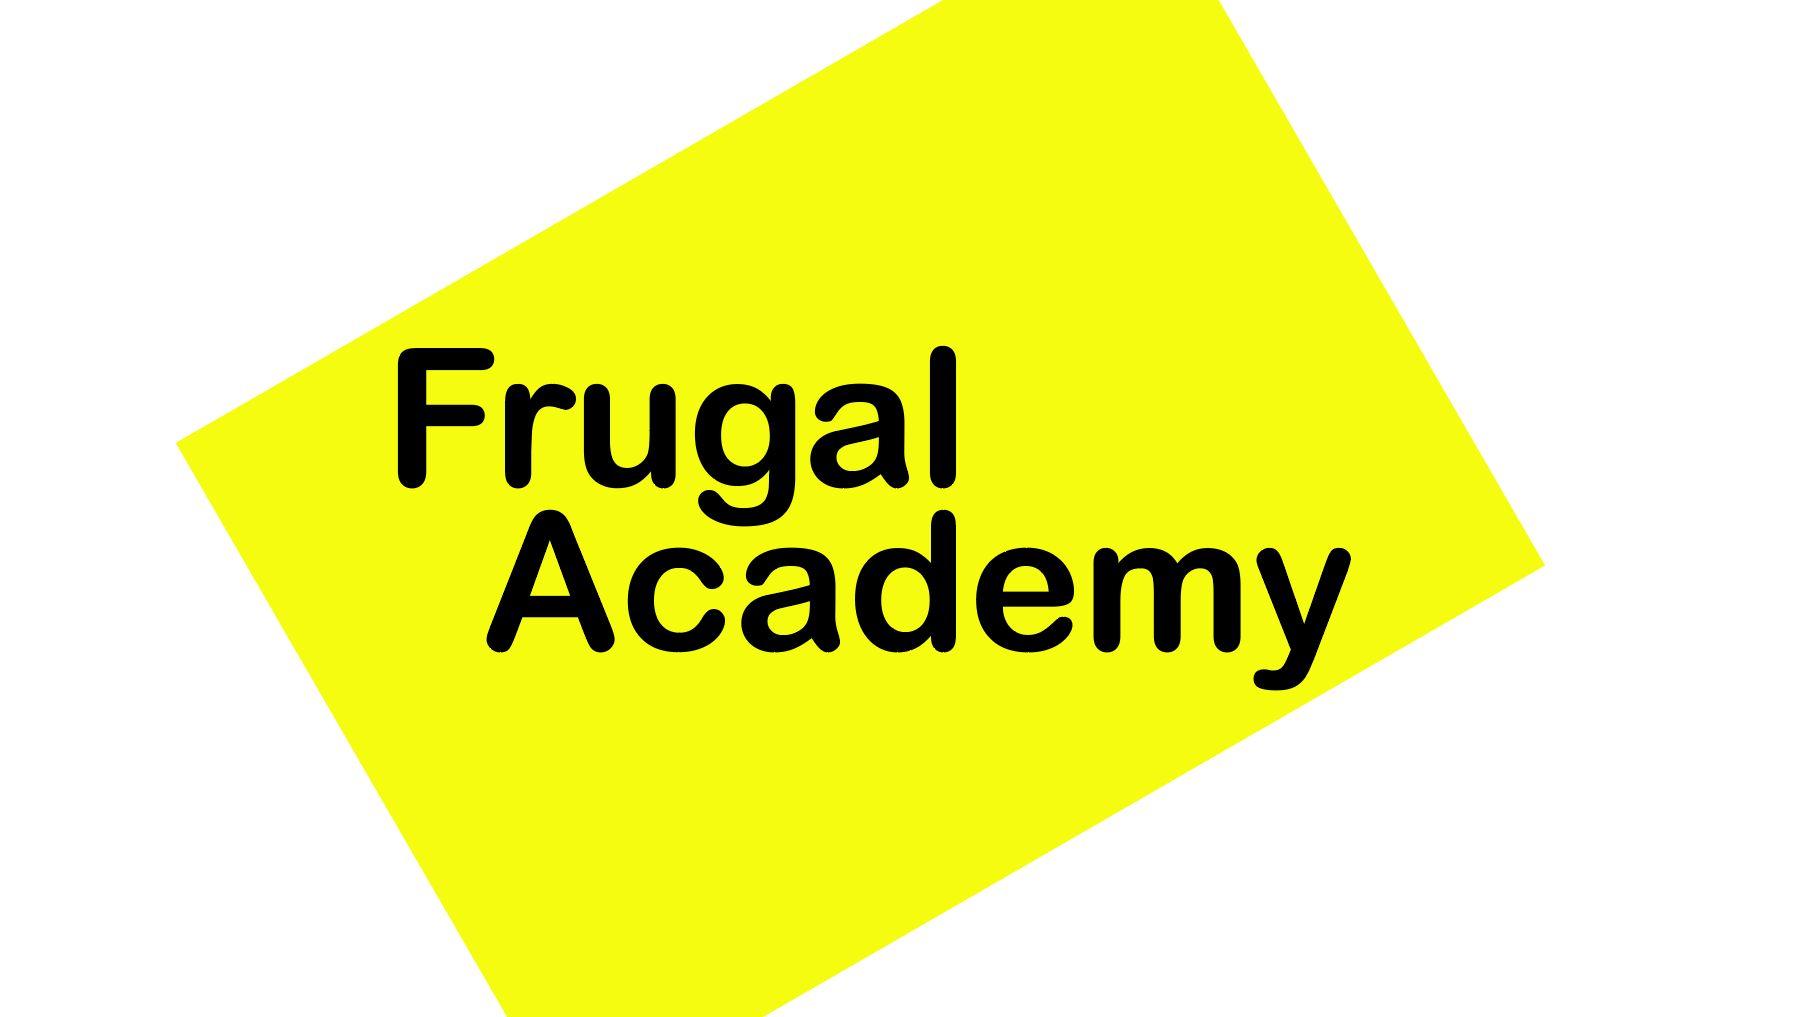 Frugal Academy